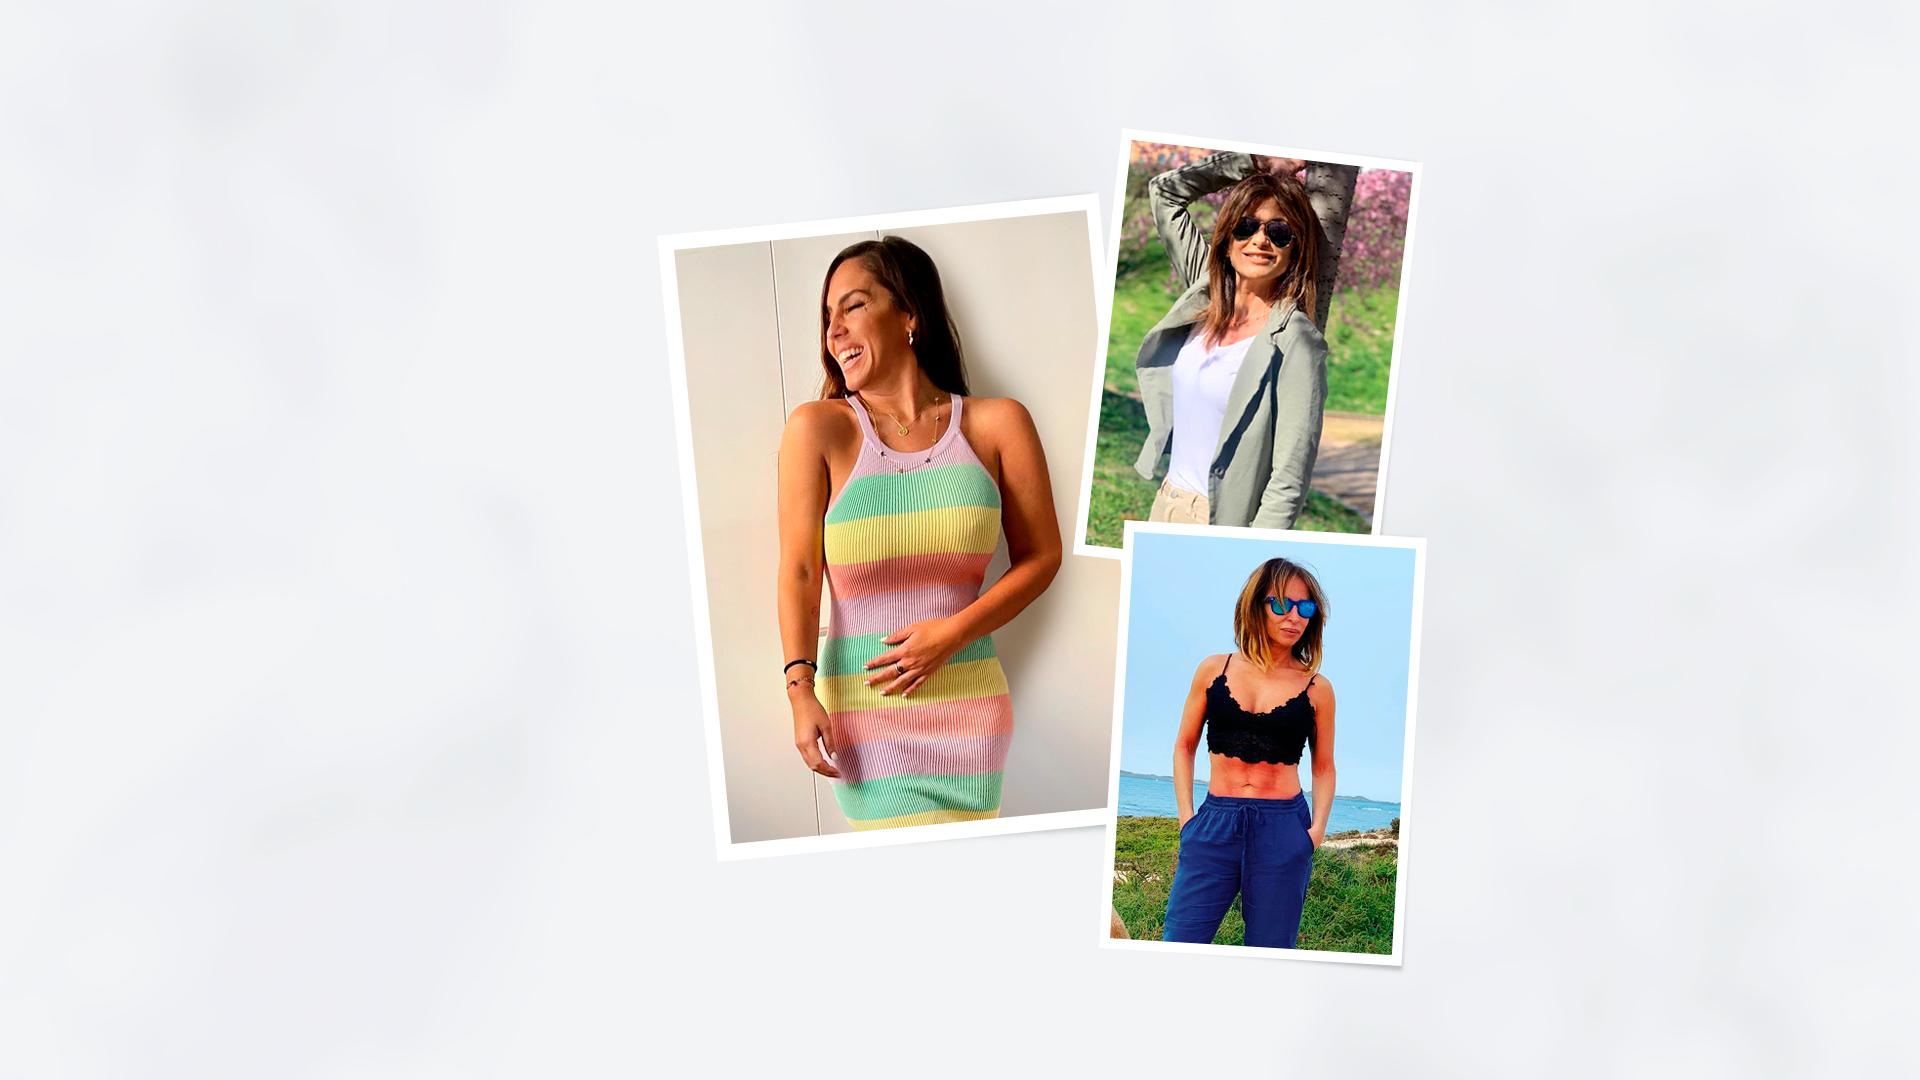 Remodelación corporal 360: María Patiño, Gema López y Anabel Pantoja